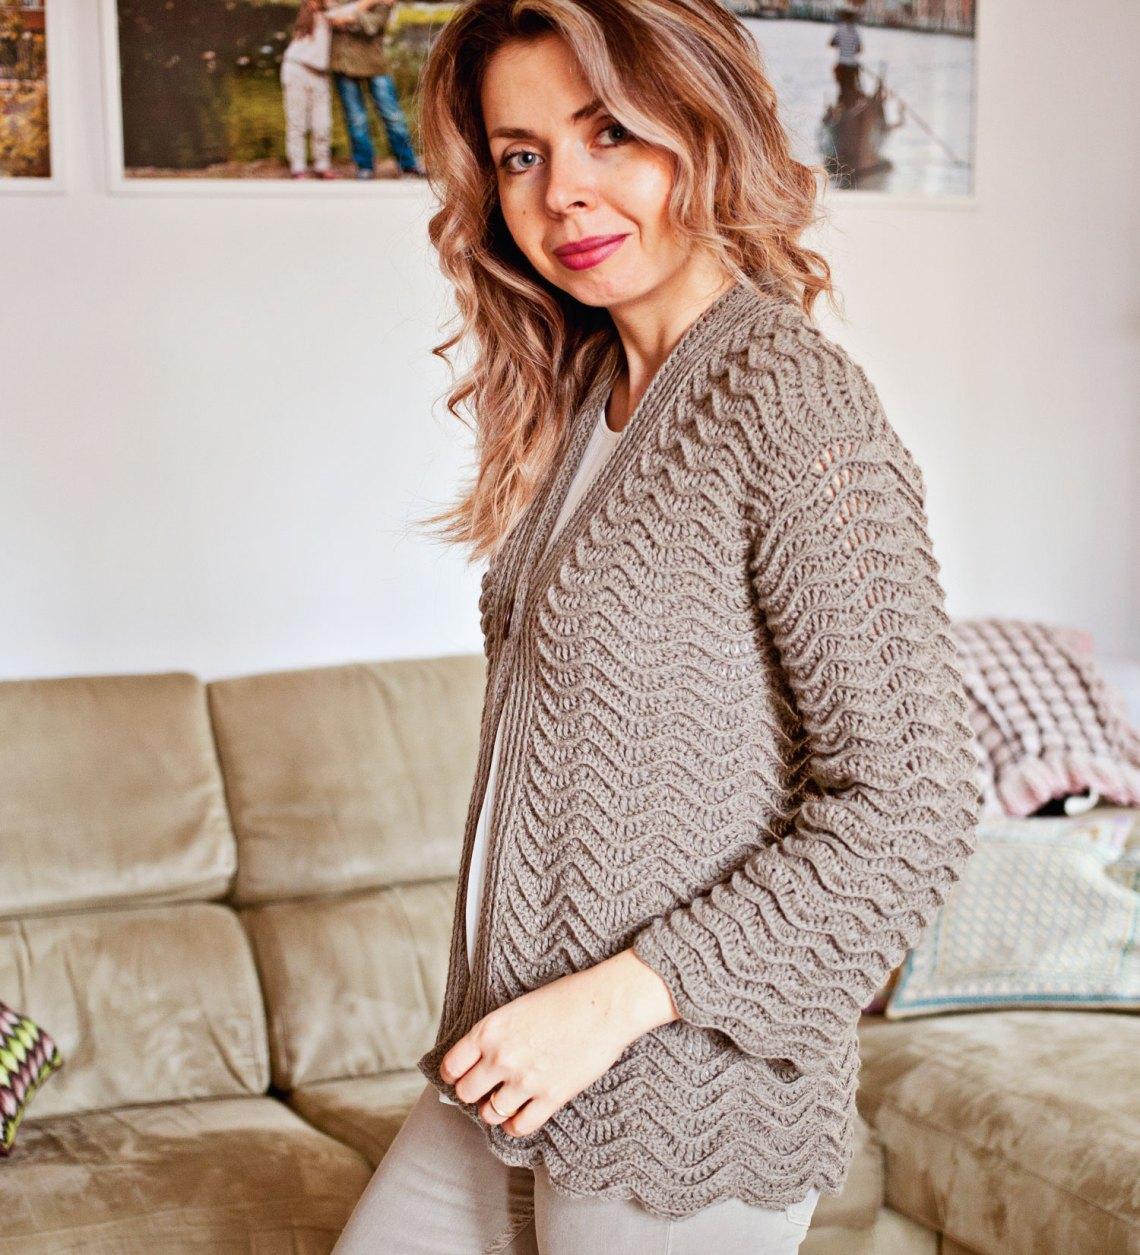 Kimono Style Cardigan - crochet pattern by Mon Petit Violon